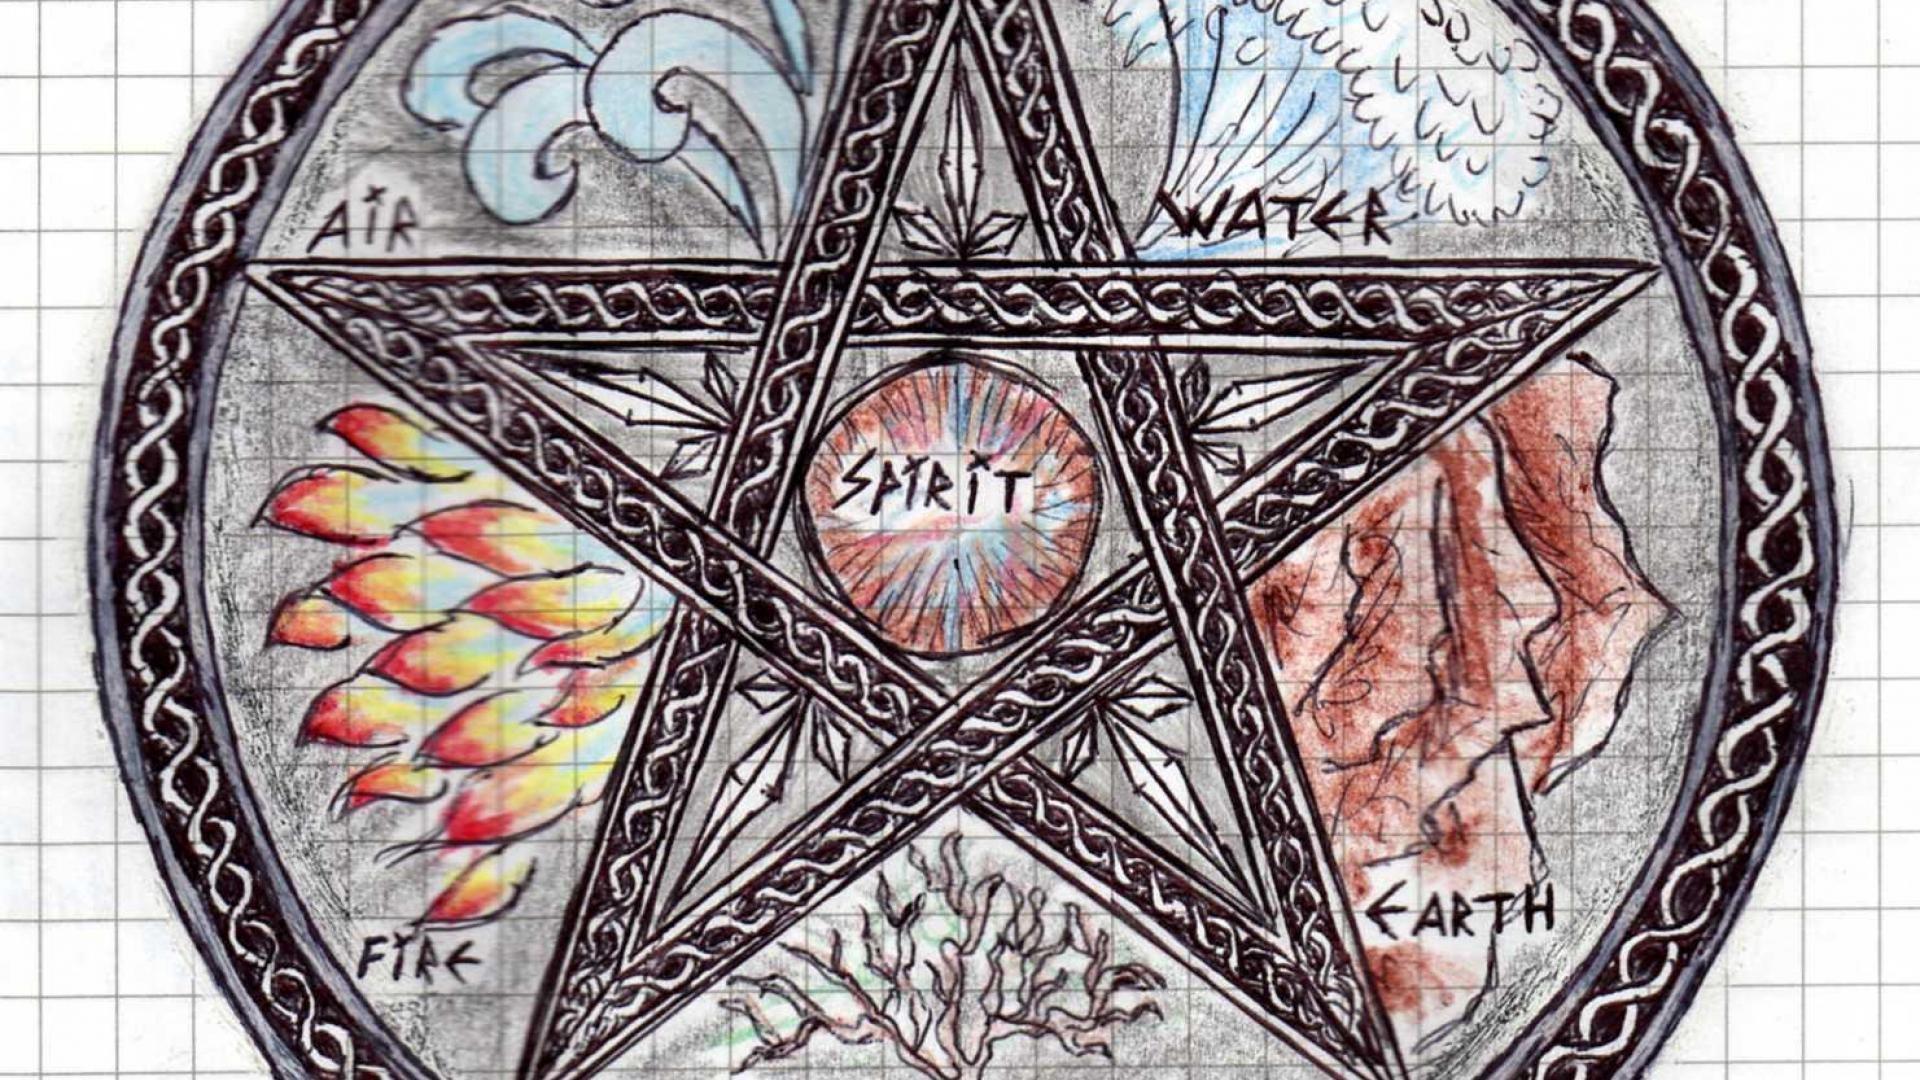 Satanic Iphone Wallpaper Pentagram Wallpapers 183 ①